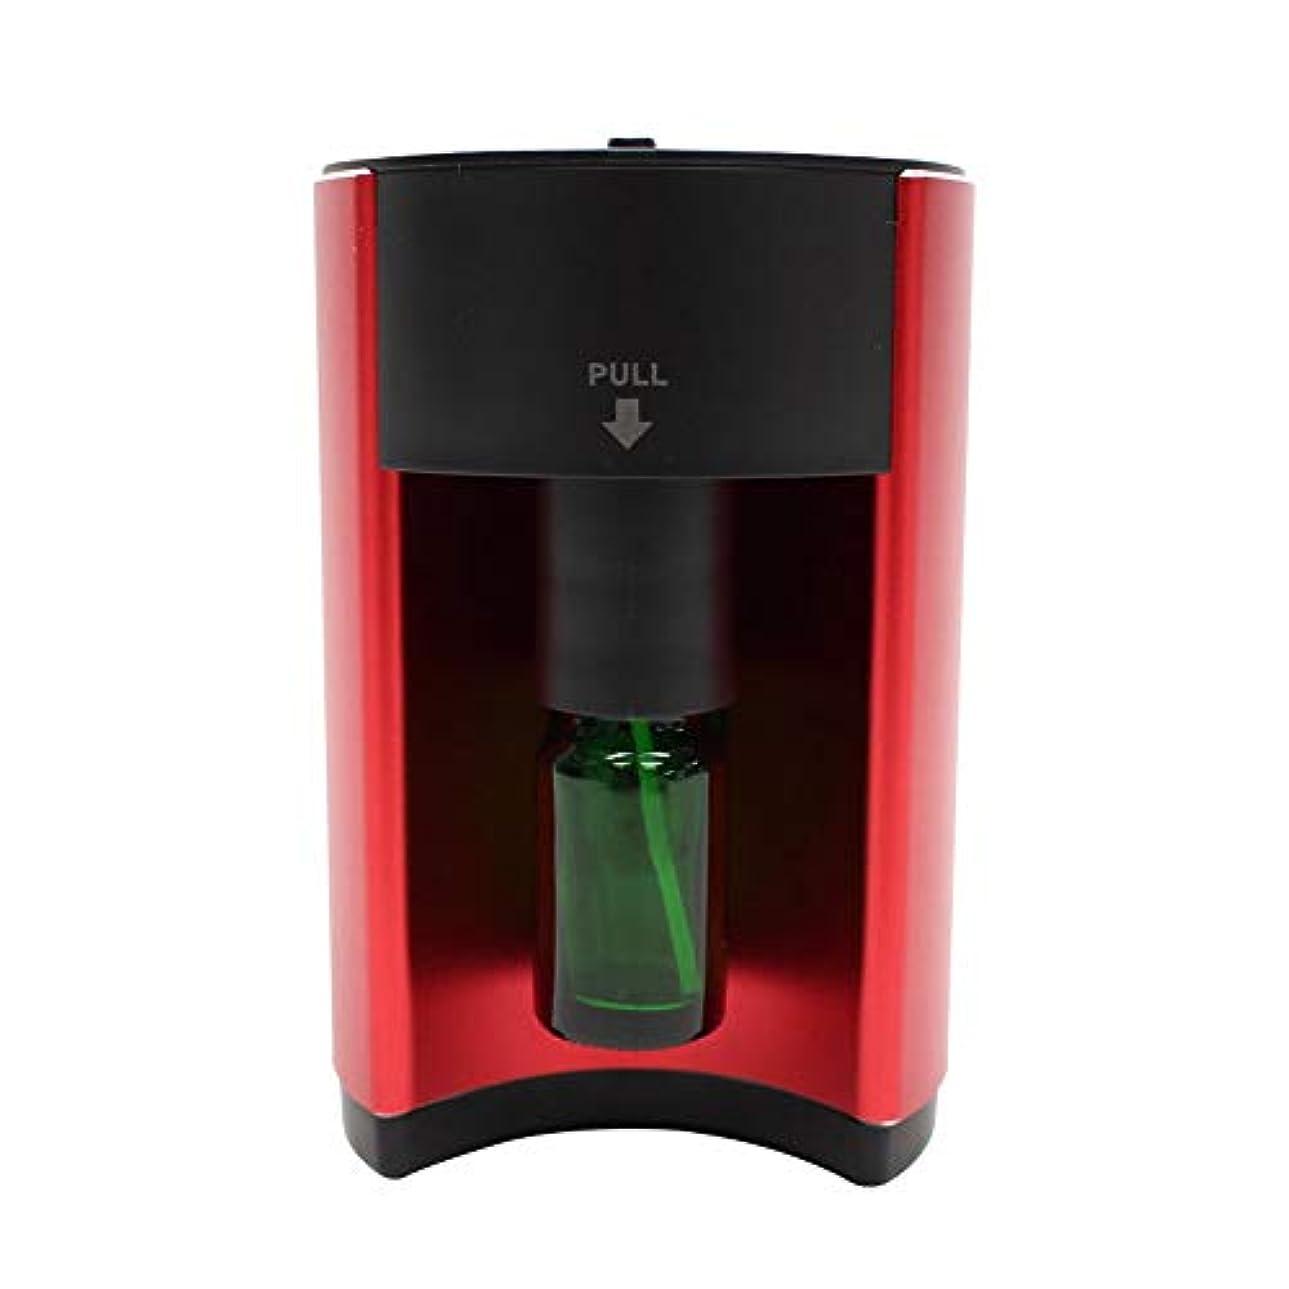 修復気を散らすアラブアロマディフューザー 噴霧式 自動停止 16段階モード設定 ECOモード搭載 水を使わない ネブライザー式 コンパクト AC電源式 香り 癒し レッド